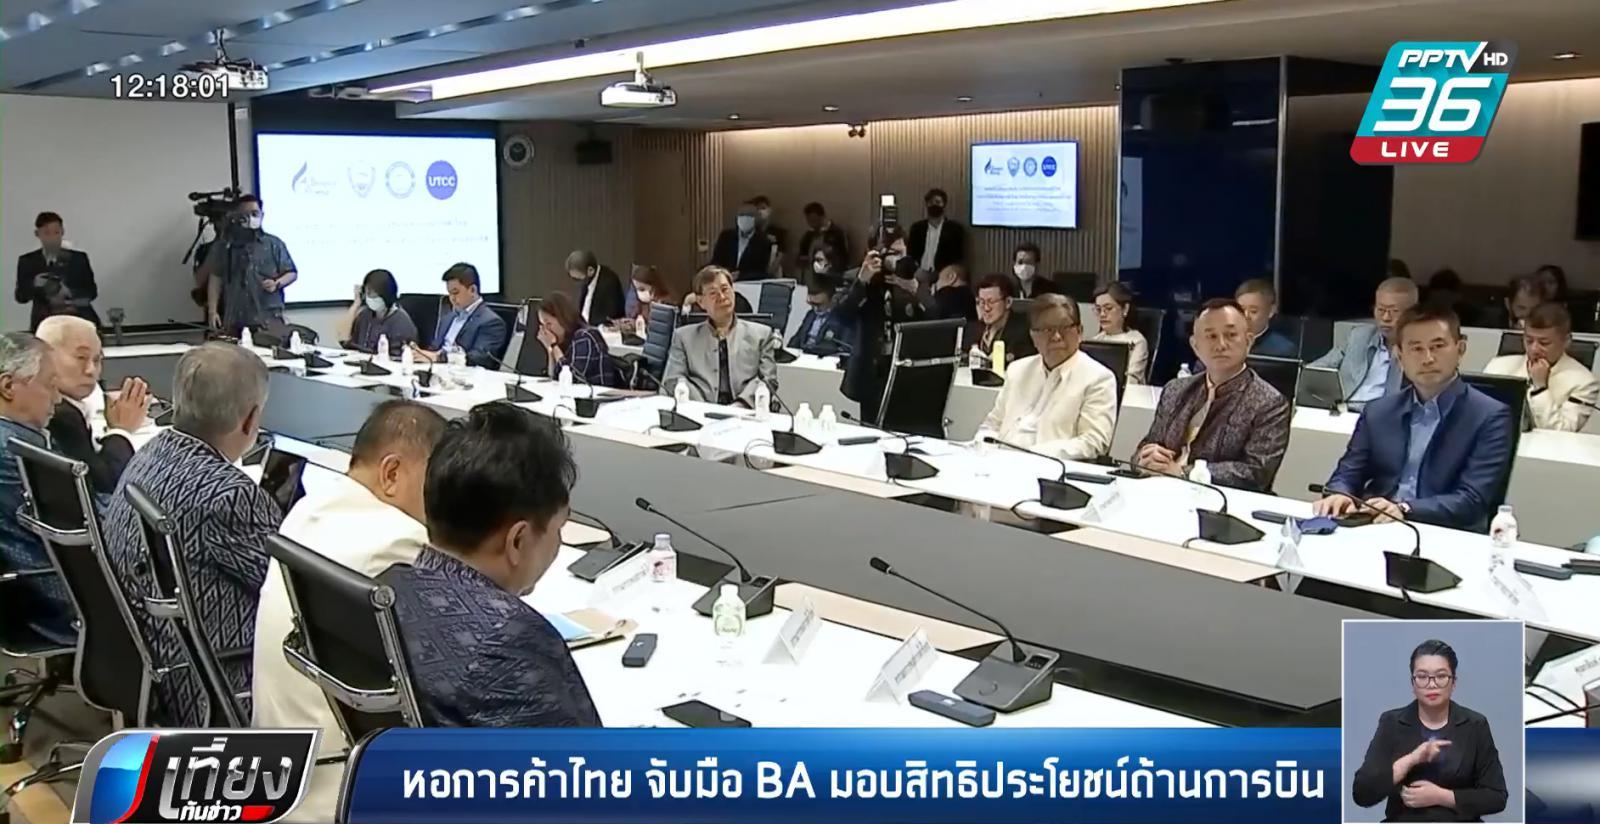 หอการค้าไทย จับมือ BA มอบสิทธิประโยชน์ด้านการบิน